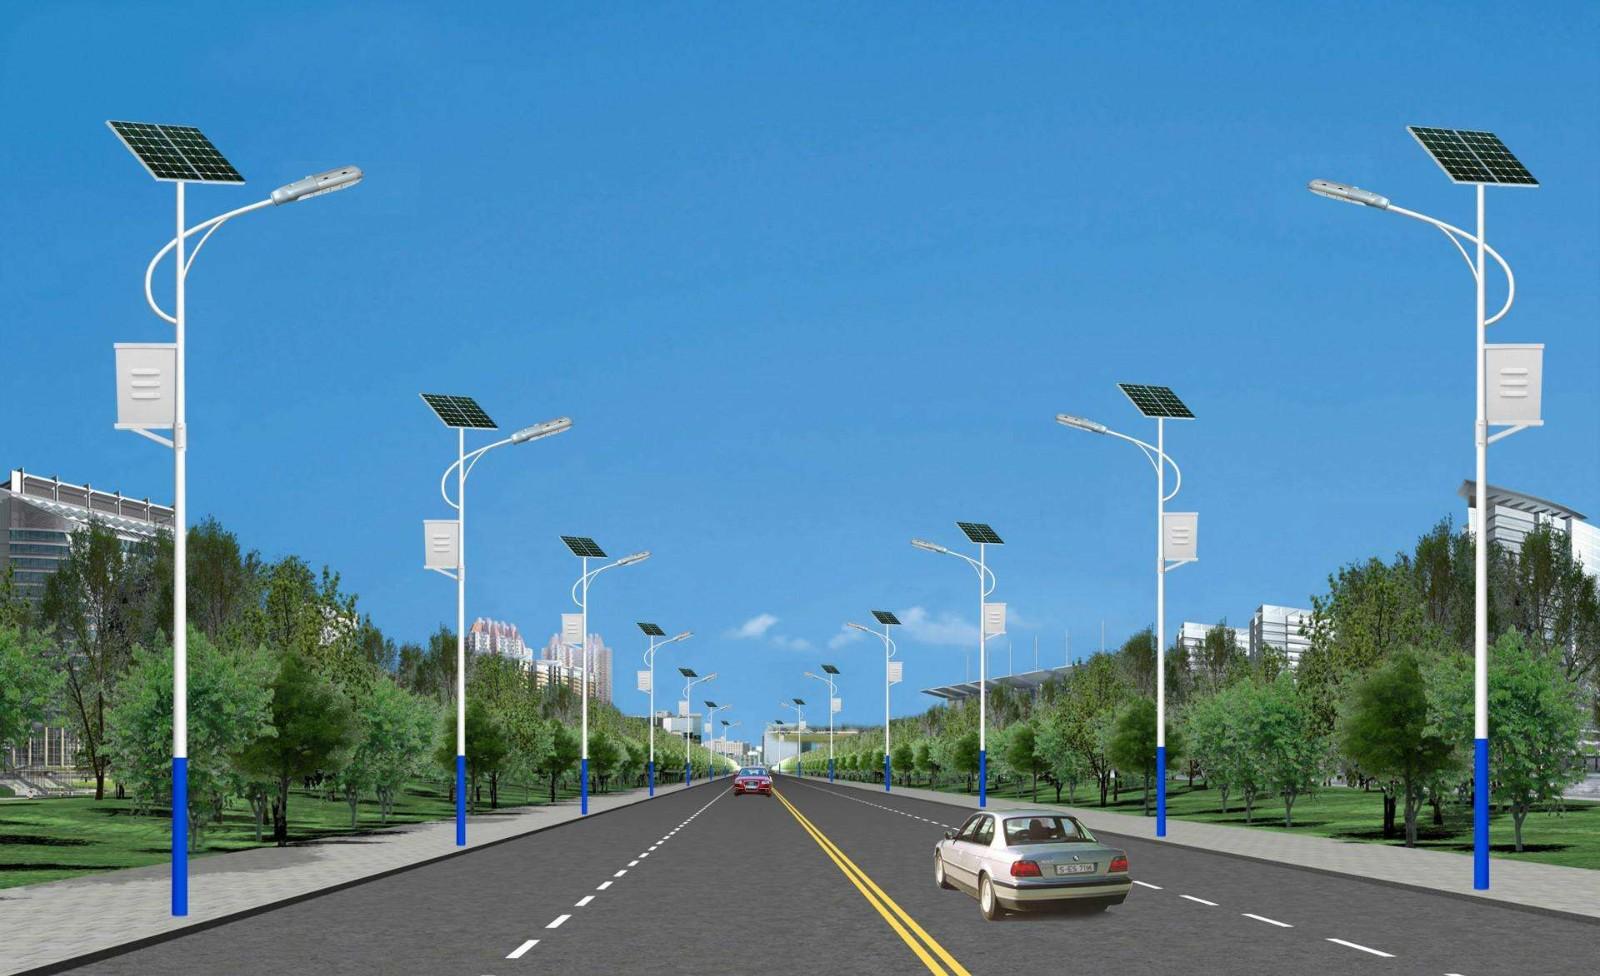 河南省郑州市城郊太阳能路灯